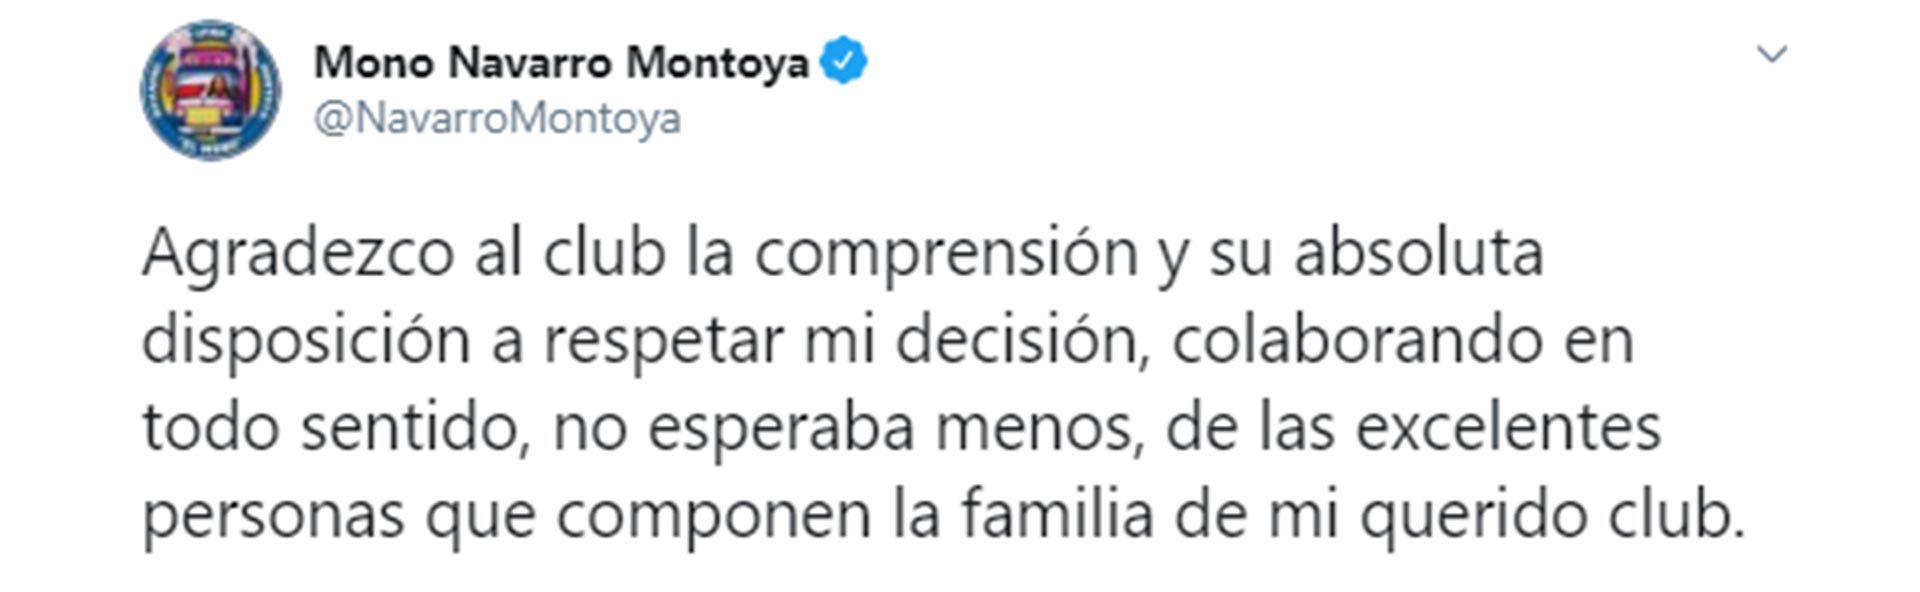 Tuits renuncia Mono Navarro Montoya en Boca